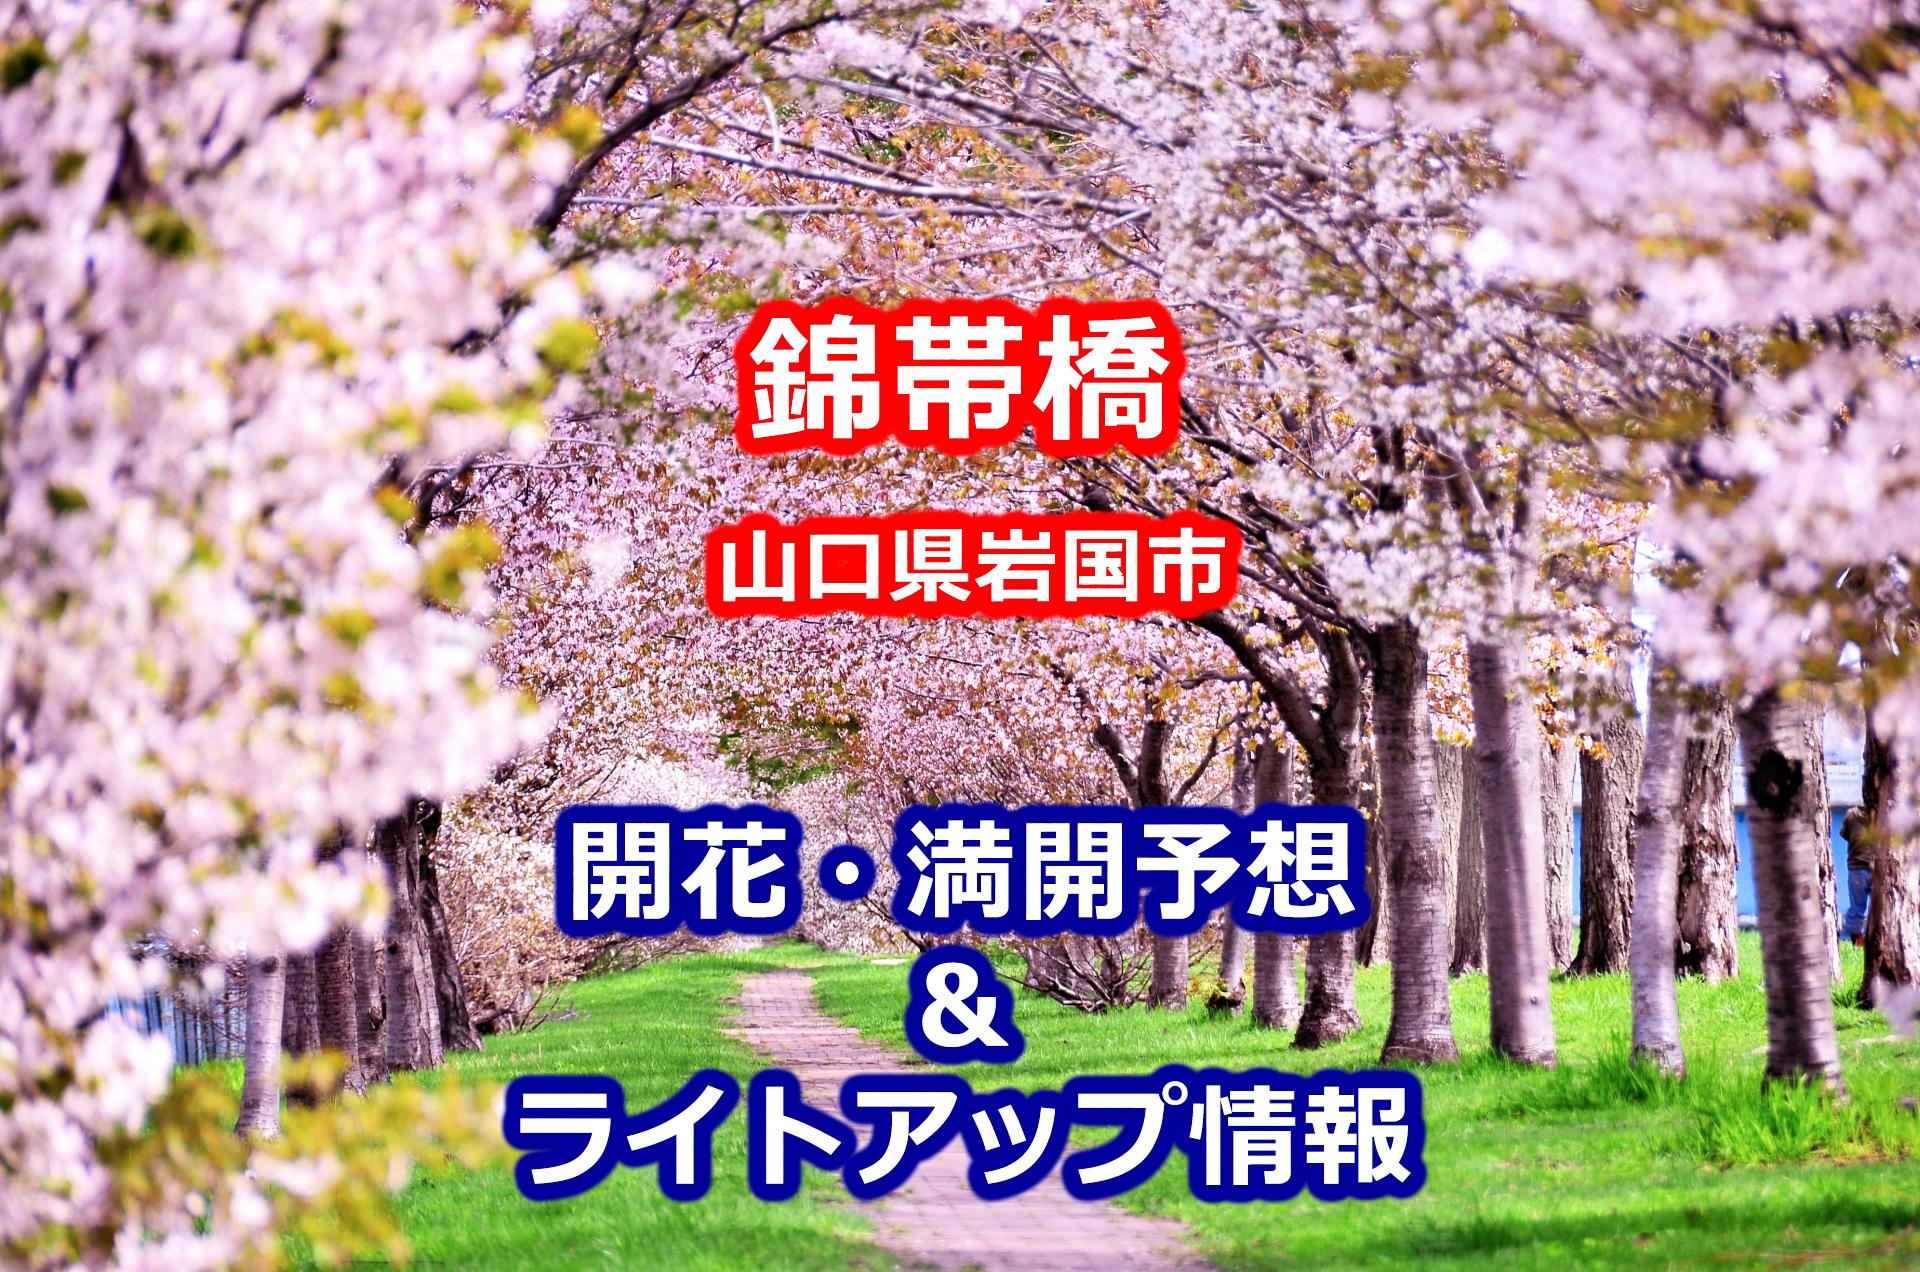 2020年錦帯橋(山口県)の桜開花・満開予想とライトアップ期間・時間